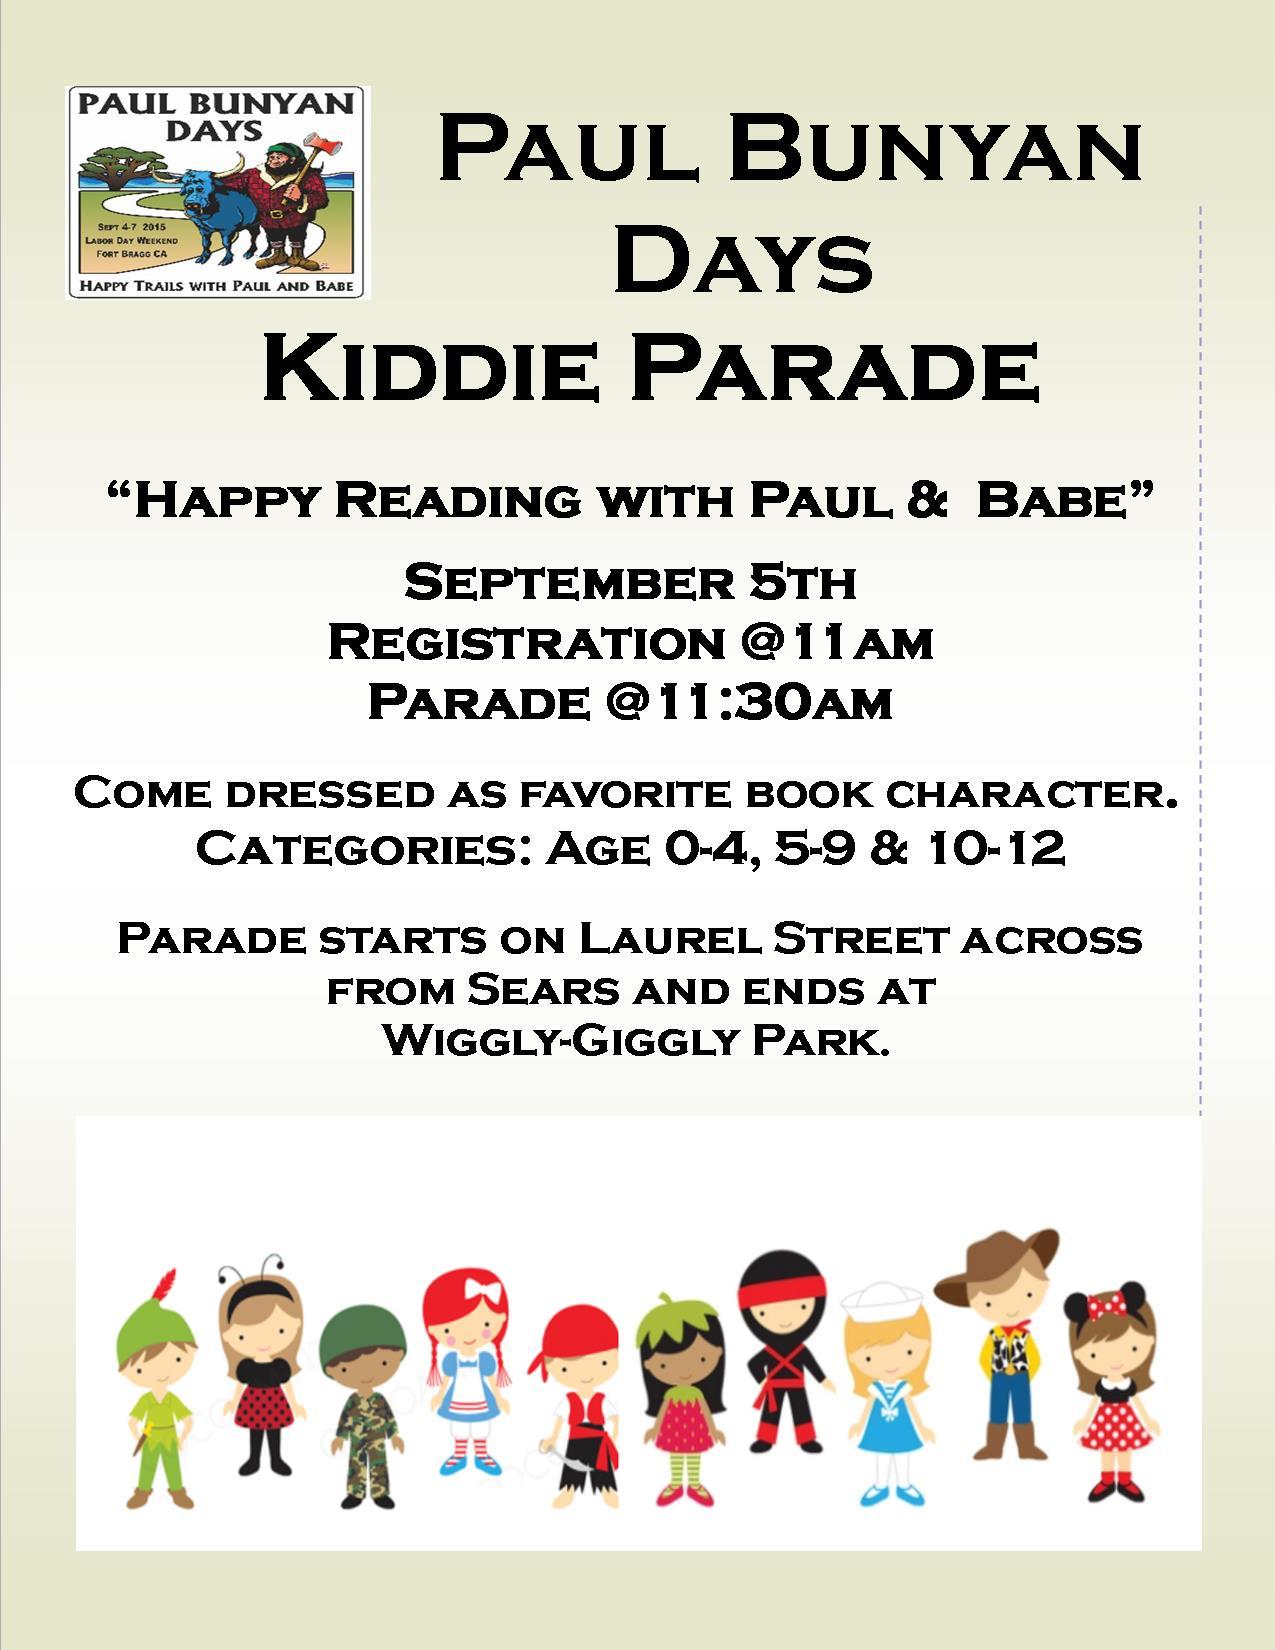 paul bunyan kiddie parade